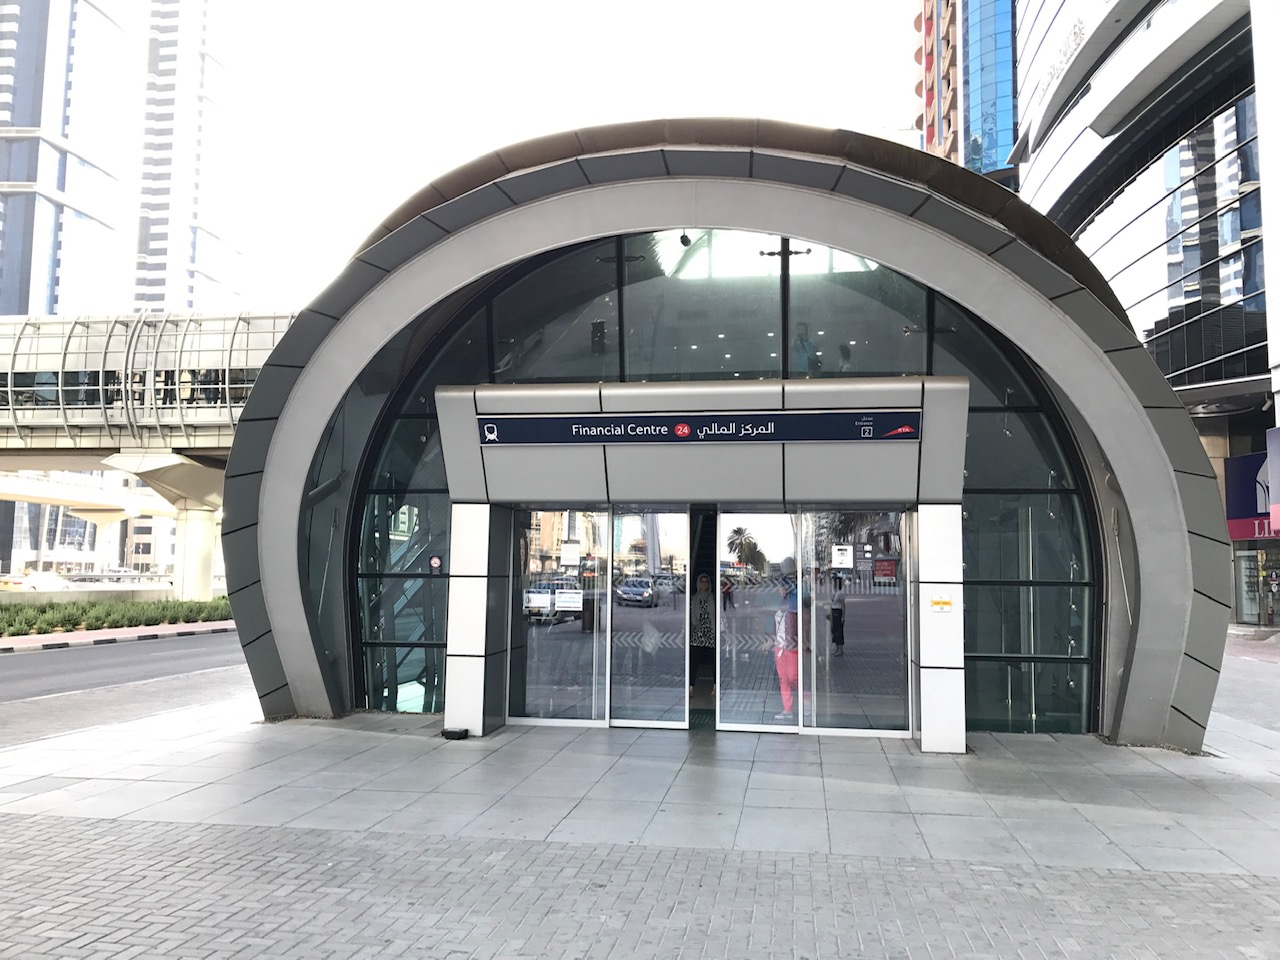 ドバイメトロ ファイナンシャルセンター駅